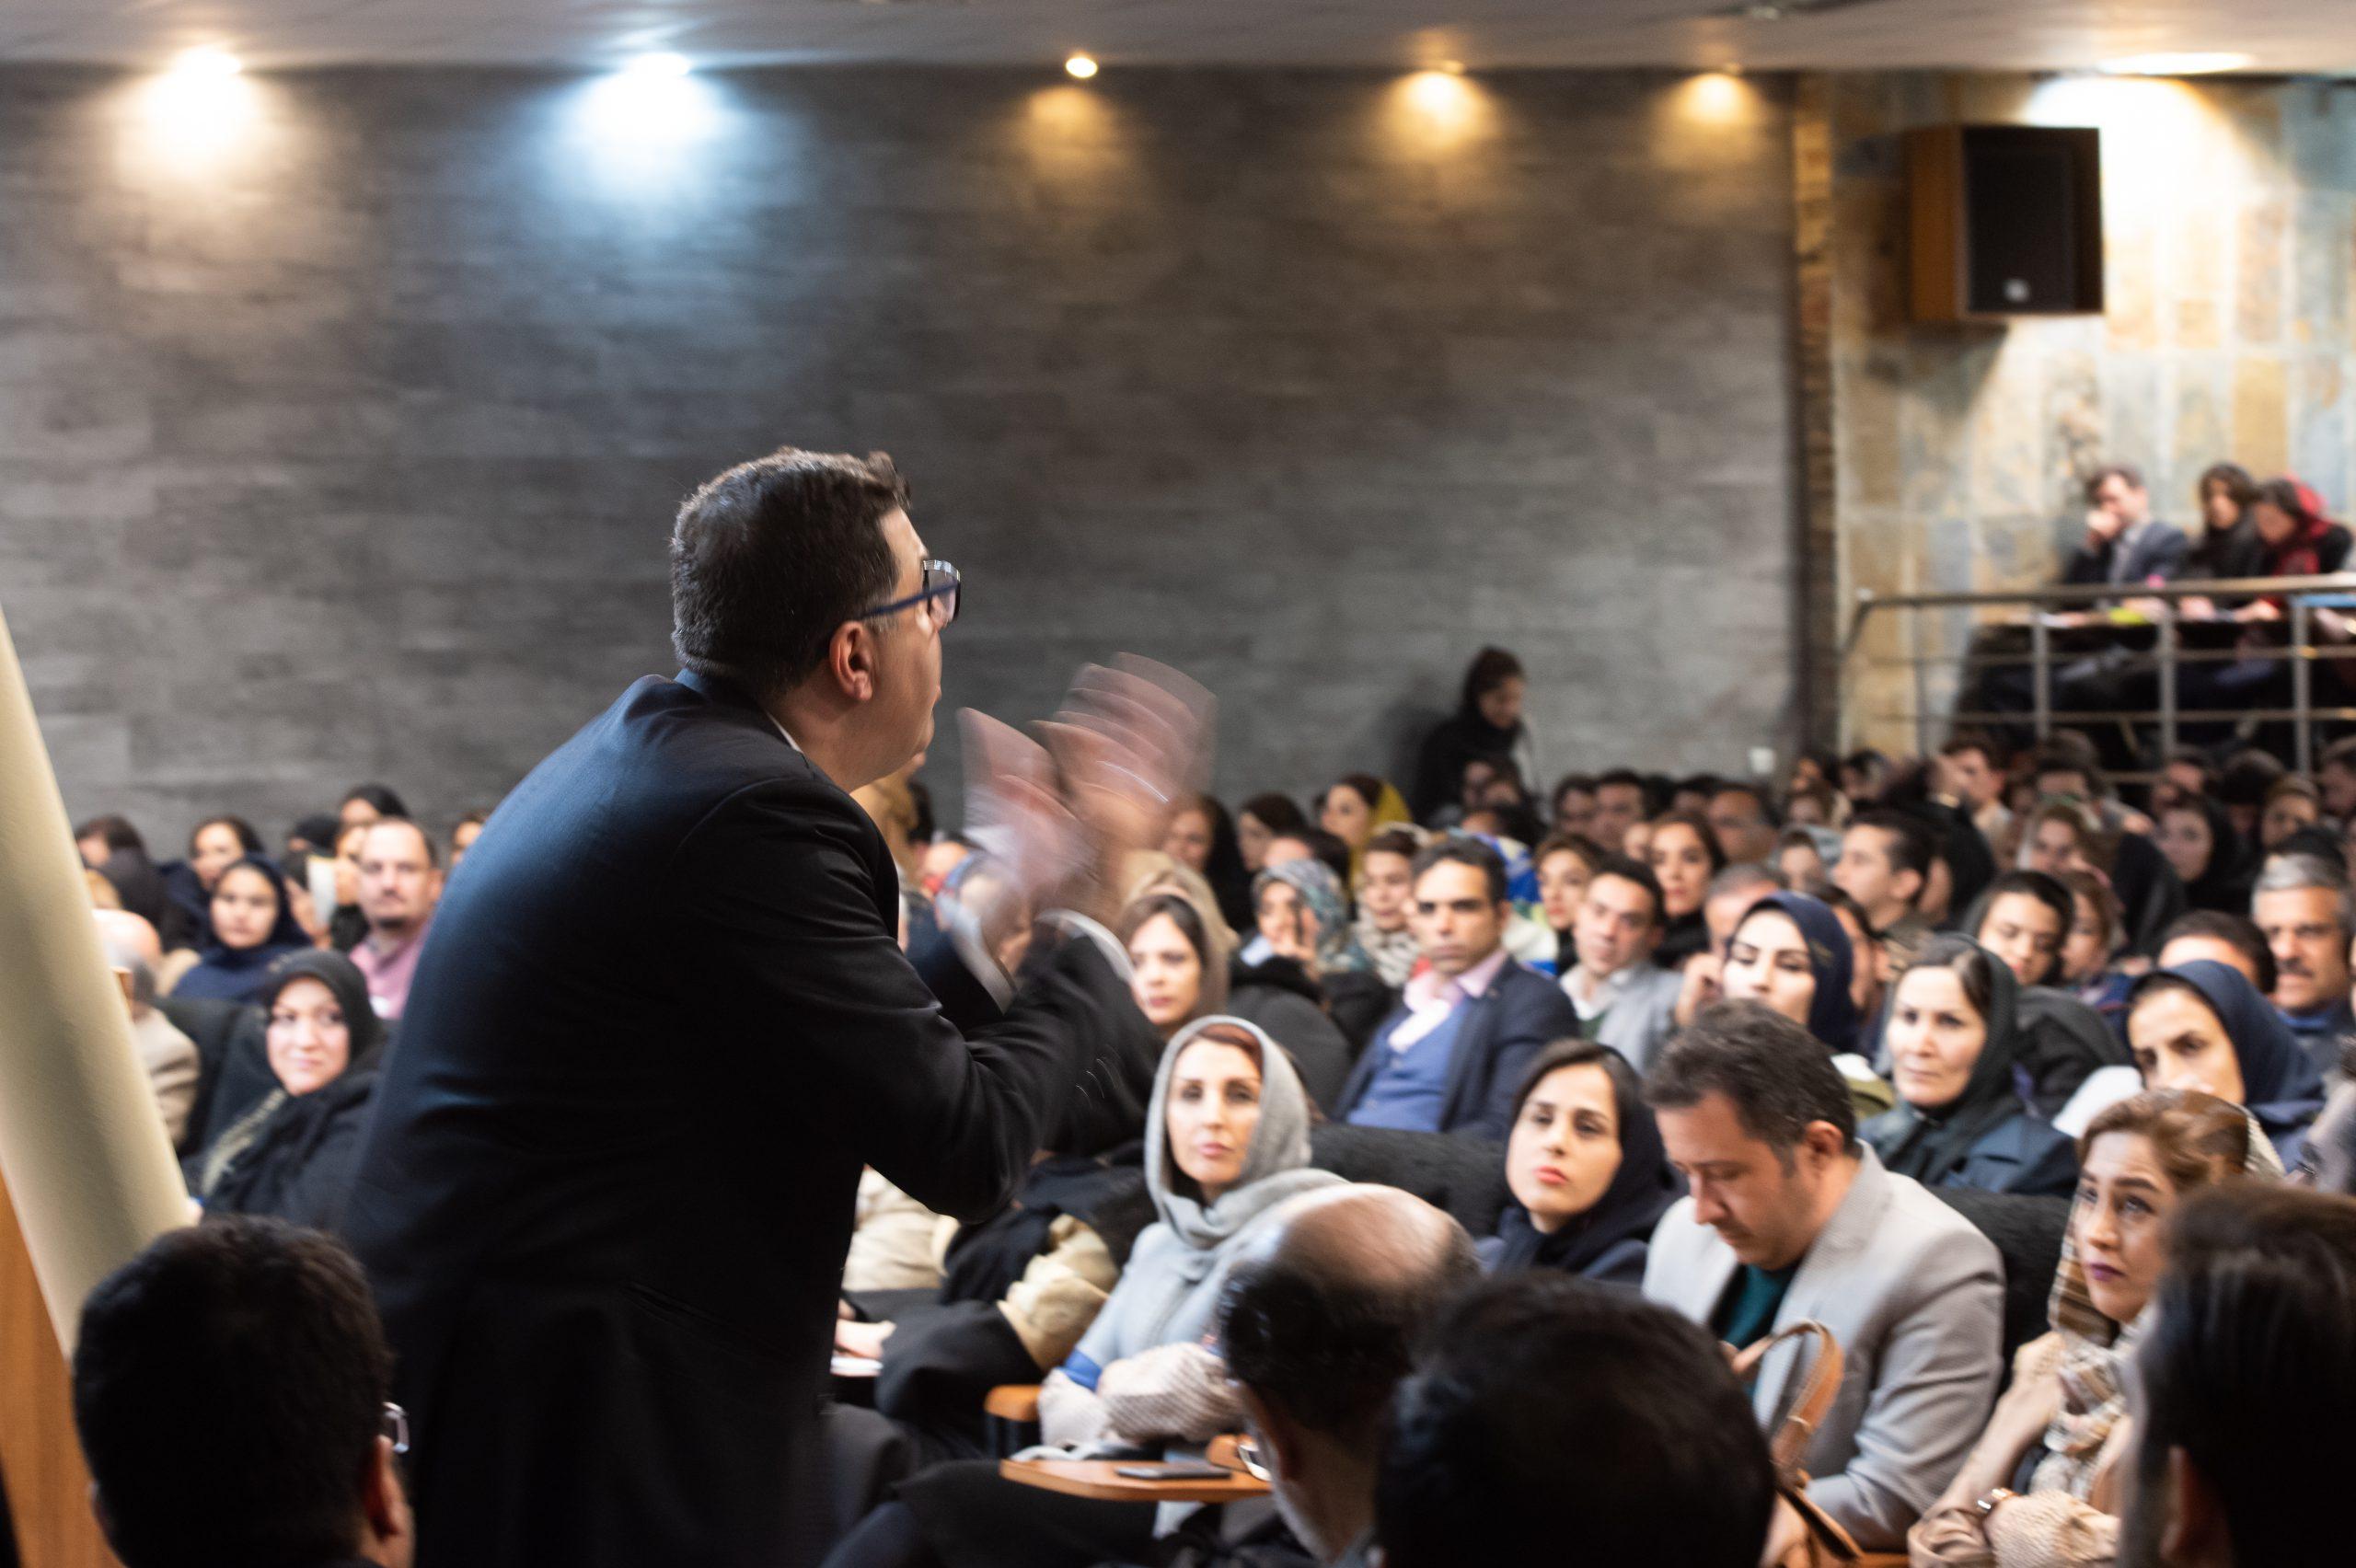 کارگاه تخصصی فنون دفاع حرفه ای برای وکلای دادگستری و مشاوران حقوقی در کانون وکلای دادگستری مرکز - تهران دی ماه ۱۳۹۸